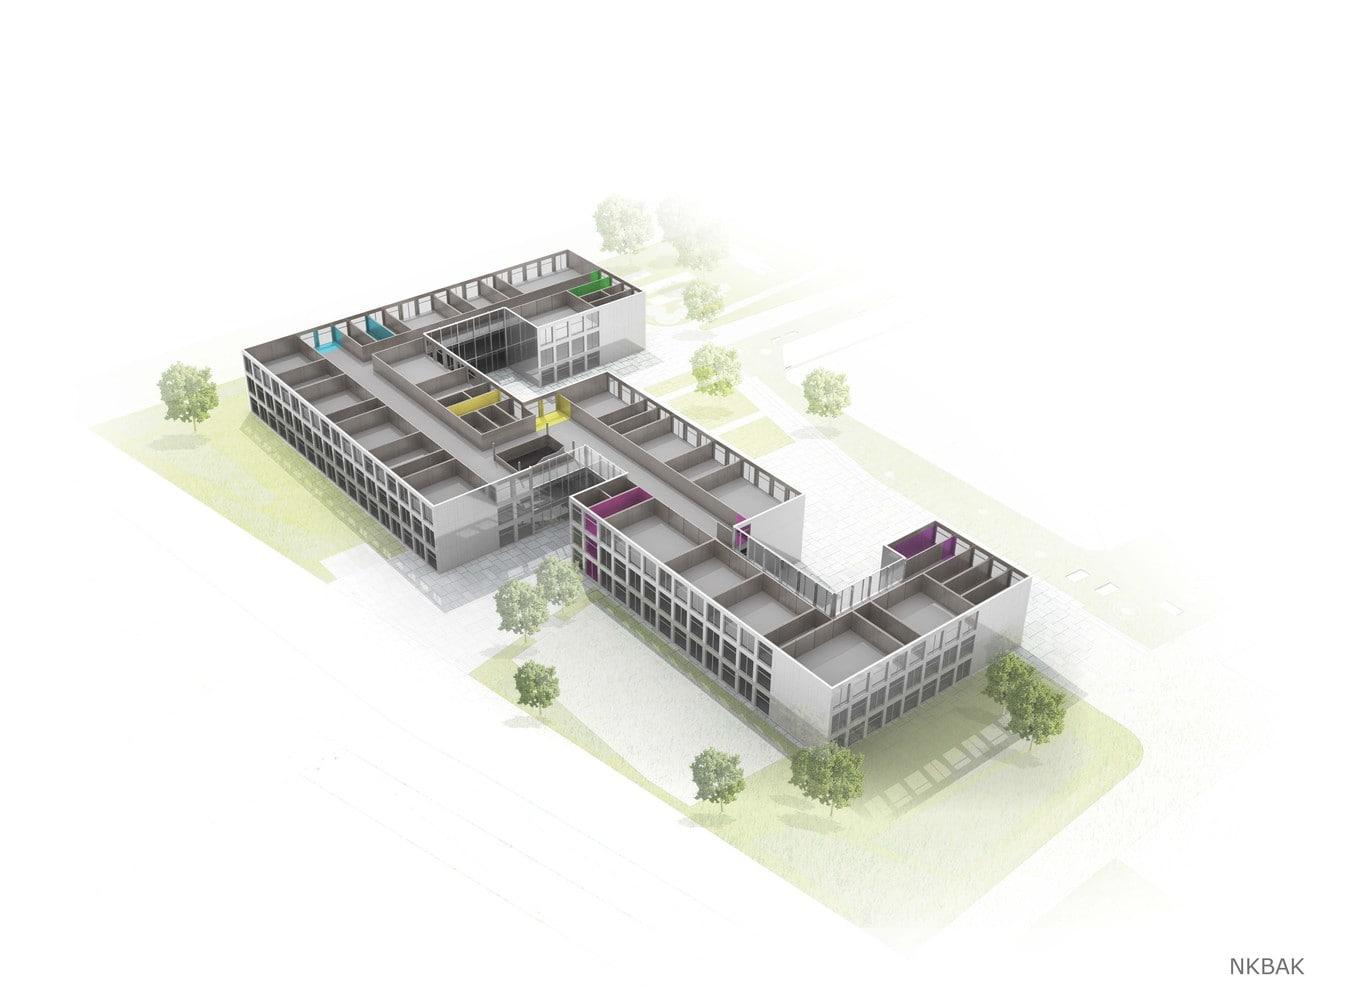 پلان مدرسه متوسطه یکپارچه برلین12